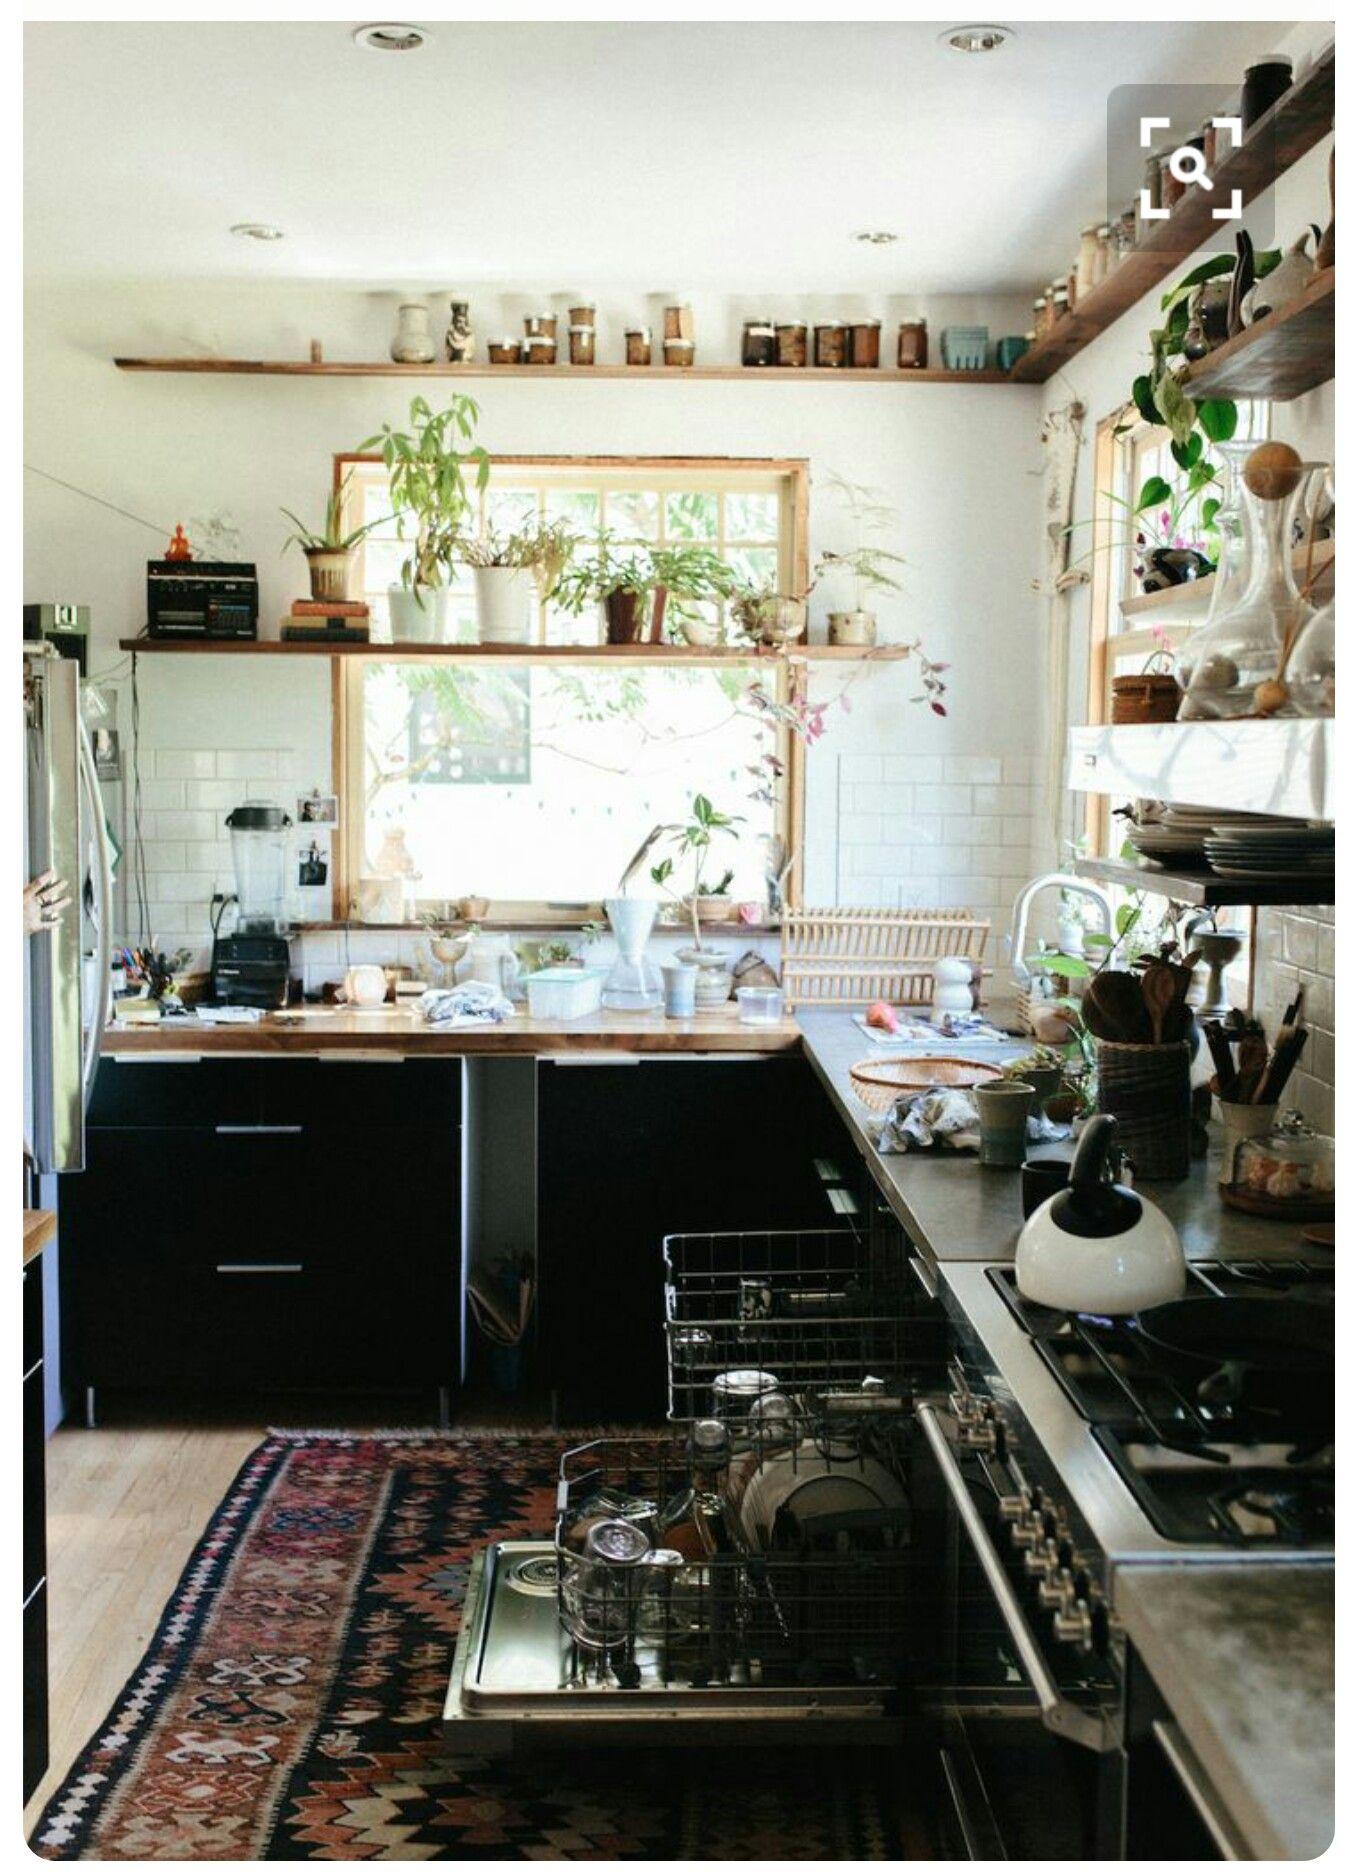 Shelf across kitchen window  pin by dora apostolou on house  pinterest  apartments kitchens